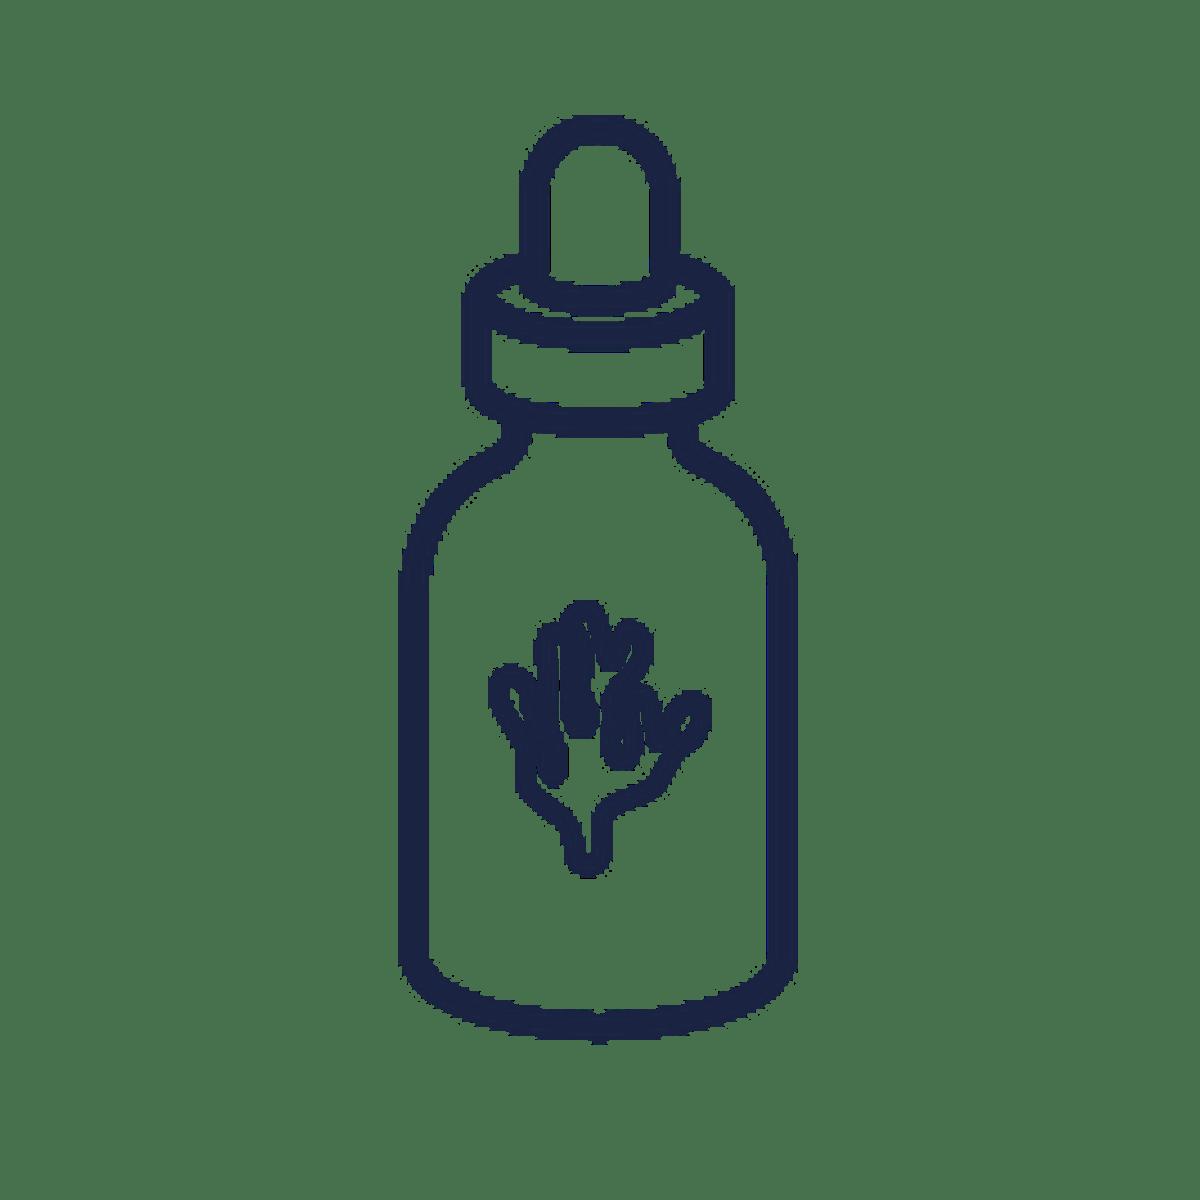 huile de schizochytrium